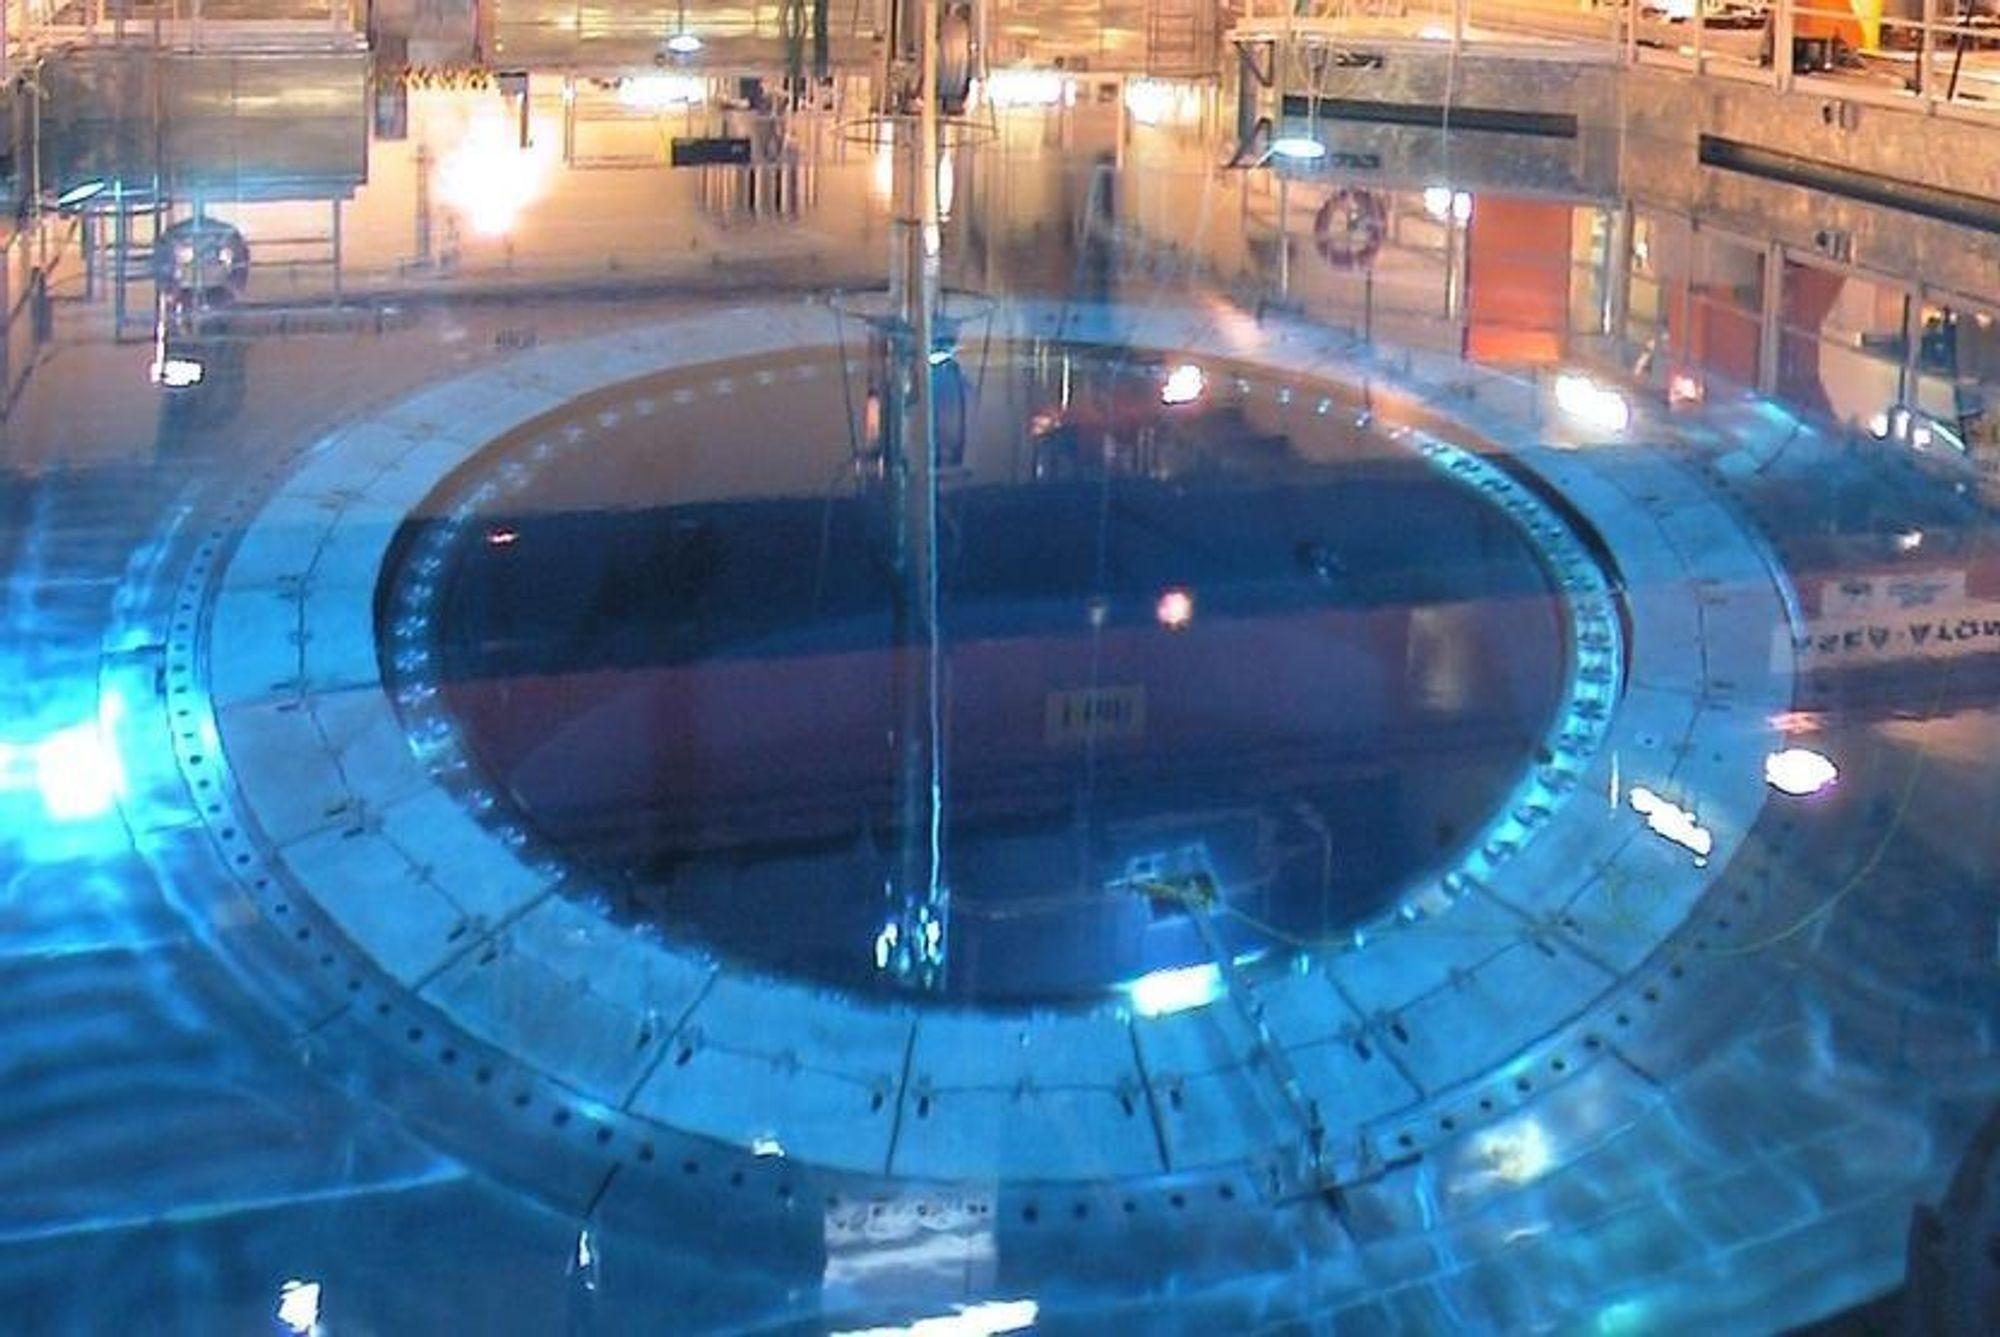 LAVERE EFFEKT: OKG har planer om å øke effekten på Oskarshamn 2 fra 638 til 806 MW i 2013. Derfor satte den inn nye større turbiner i 2009. Fram til da må man nå finne en provisorisk løsning.(Illustrasjonsbilde fra Oskarshamn 3)